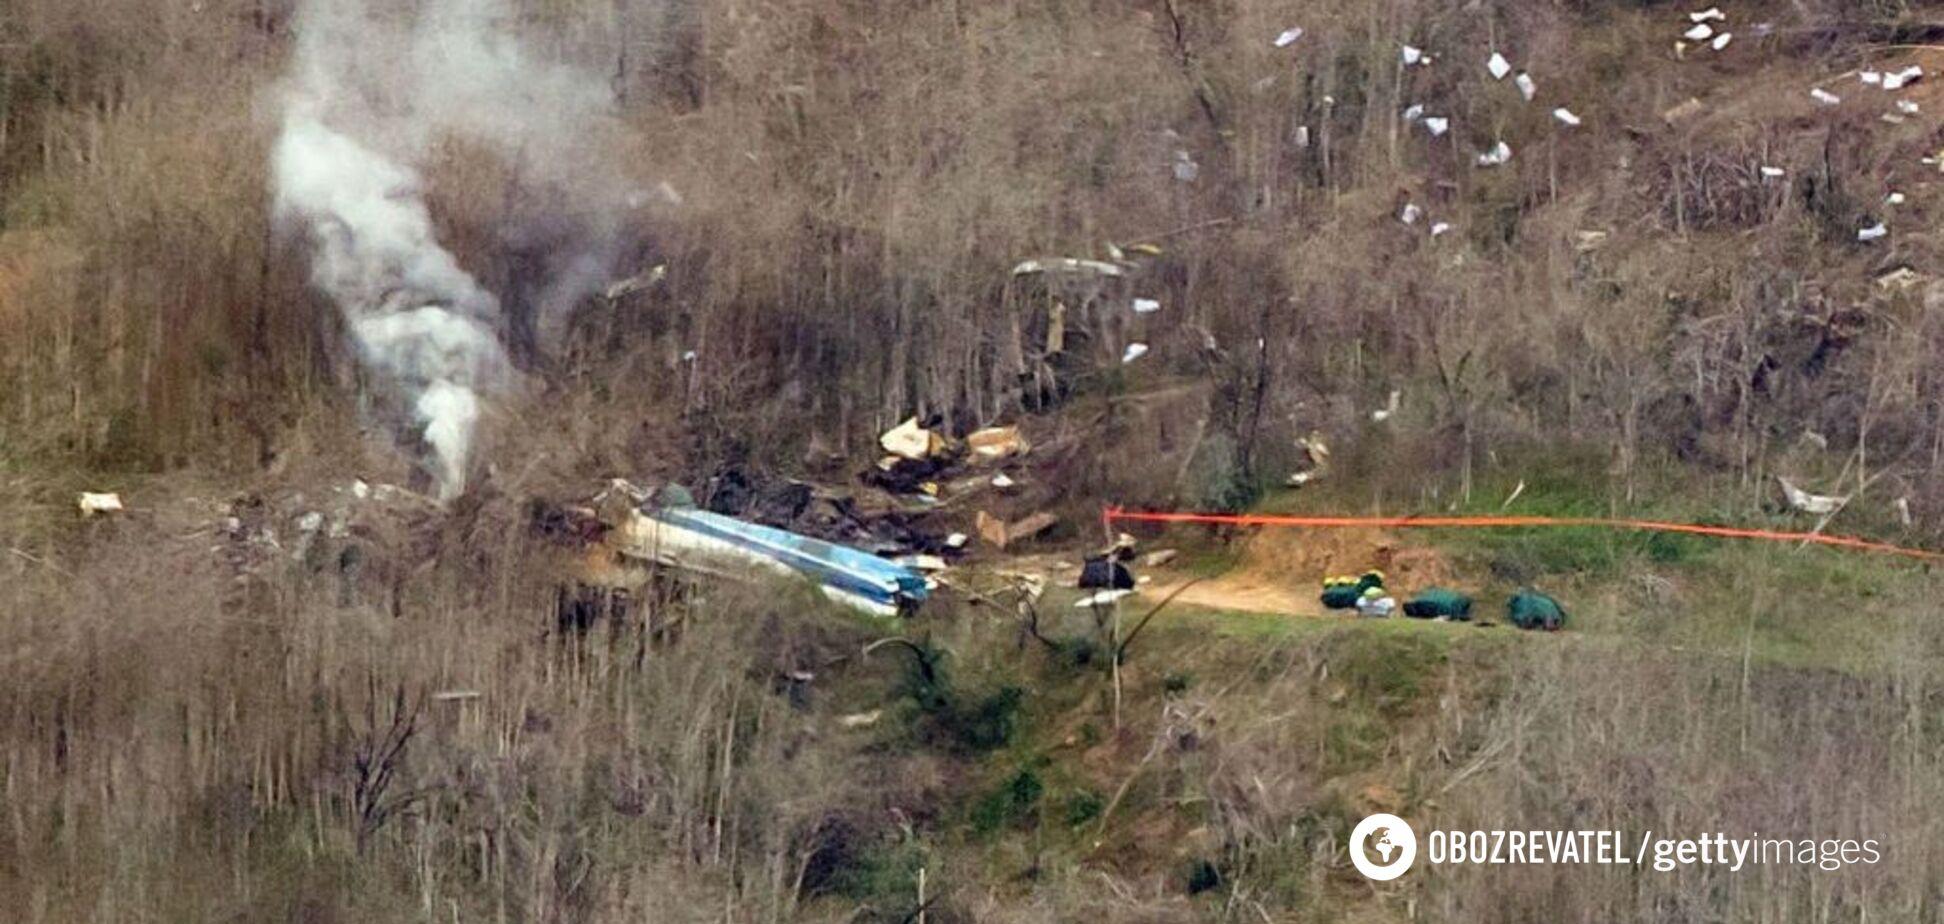 Жахливі наслідки: з'явилися нові моторошні фото з місця аварії вертольота Кобі Браянта